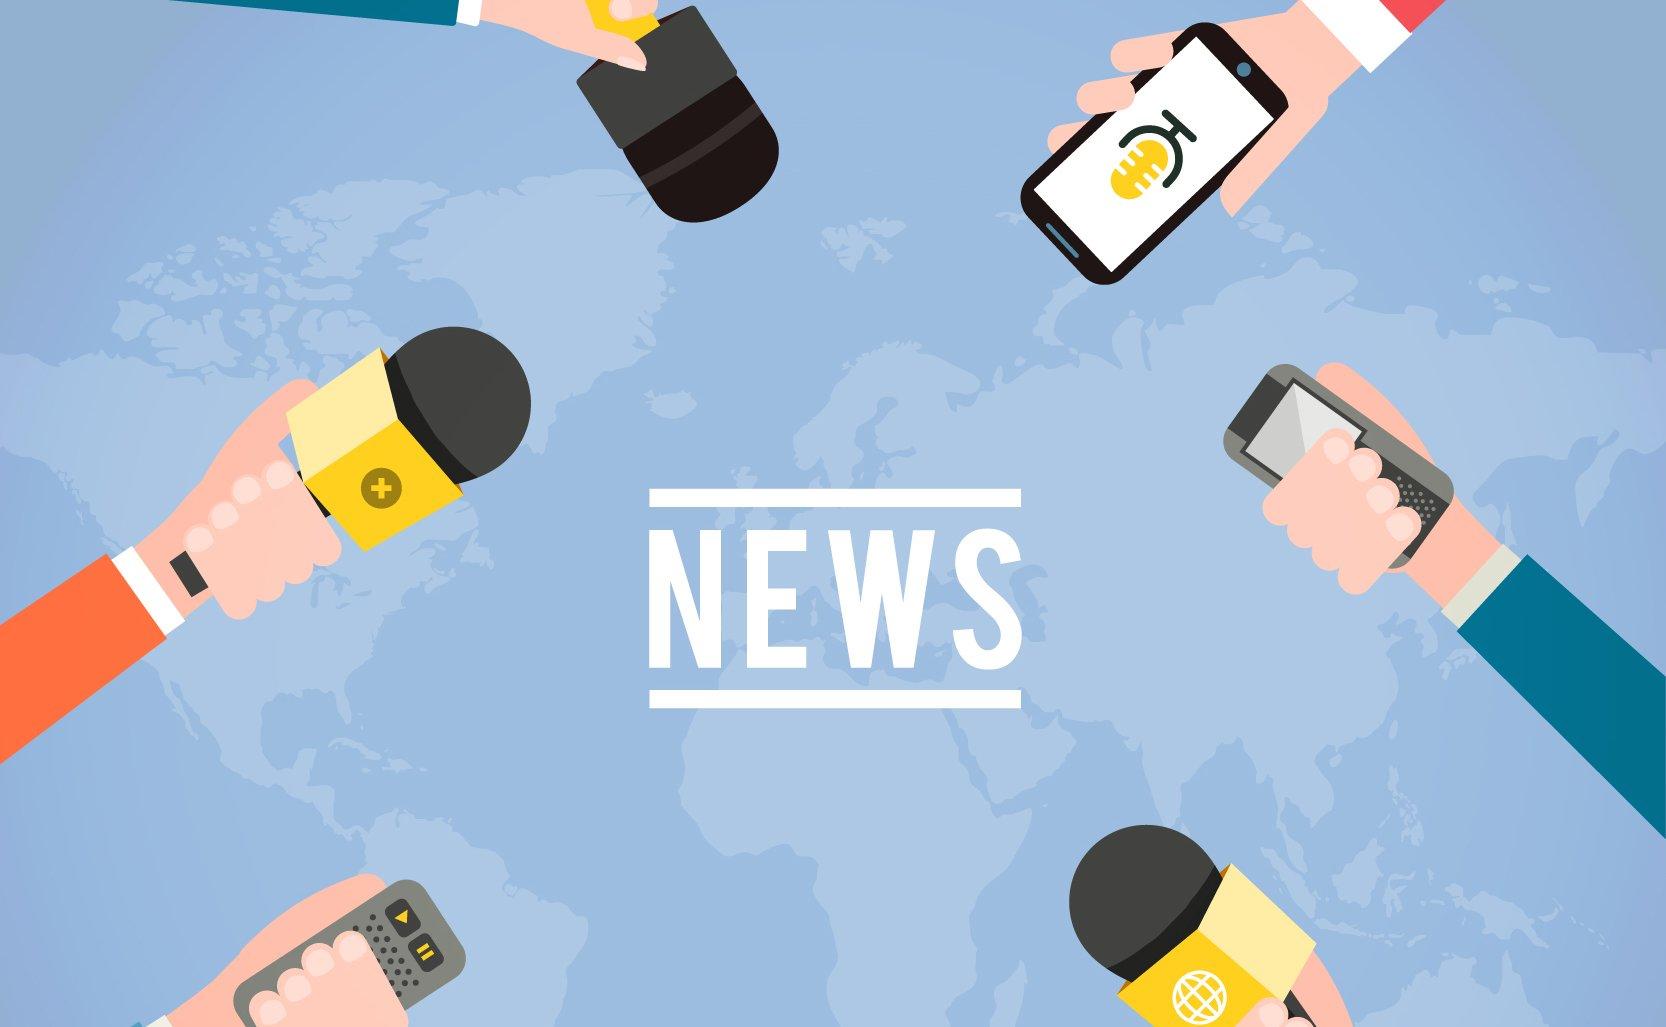 asx-news-update-interview-listen-record-phone-mic-report-up-down-news-hand-global-markets